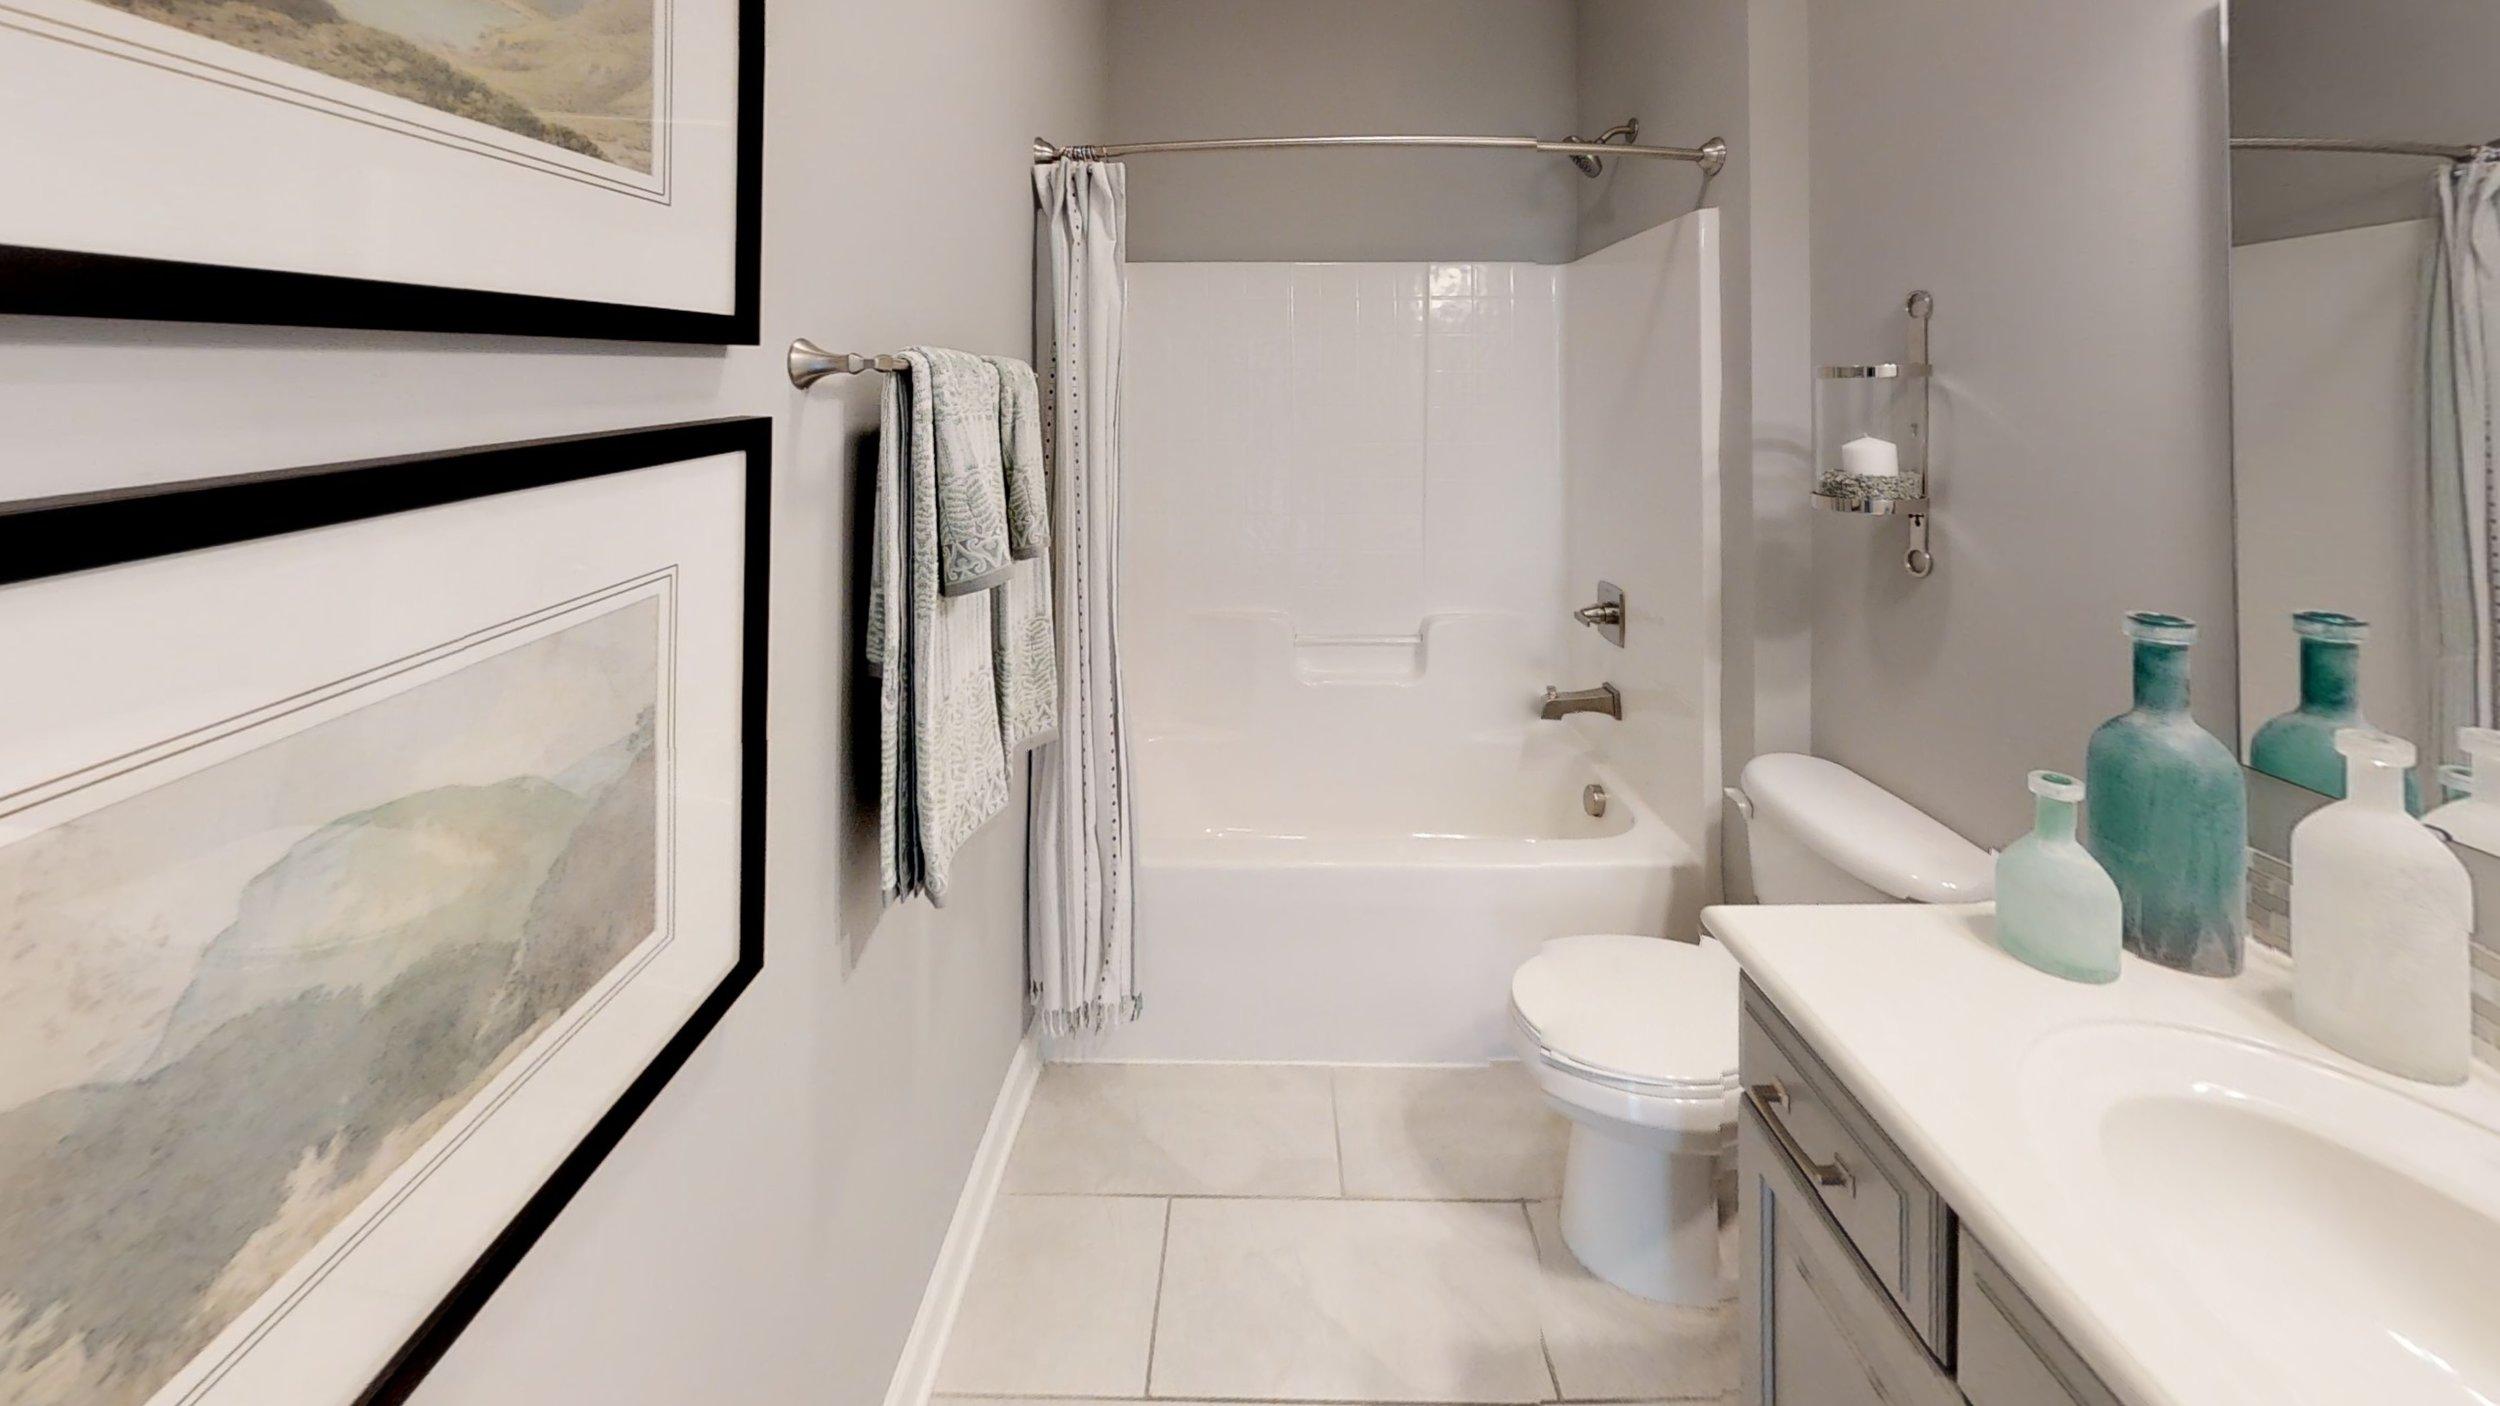 Wyndham-Bathroom(1).jpg